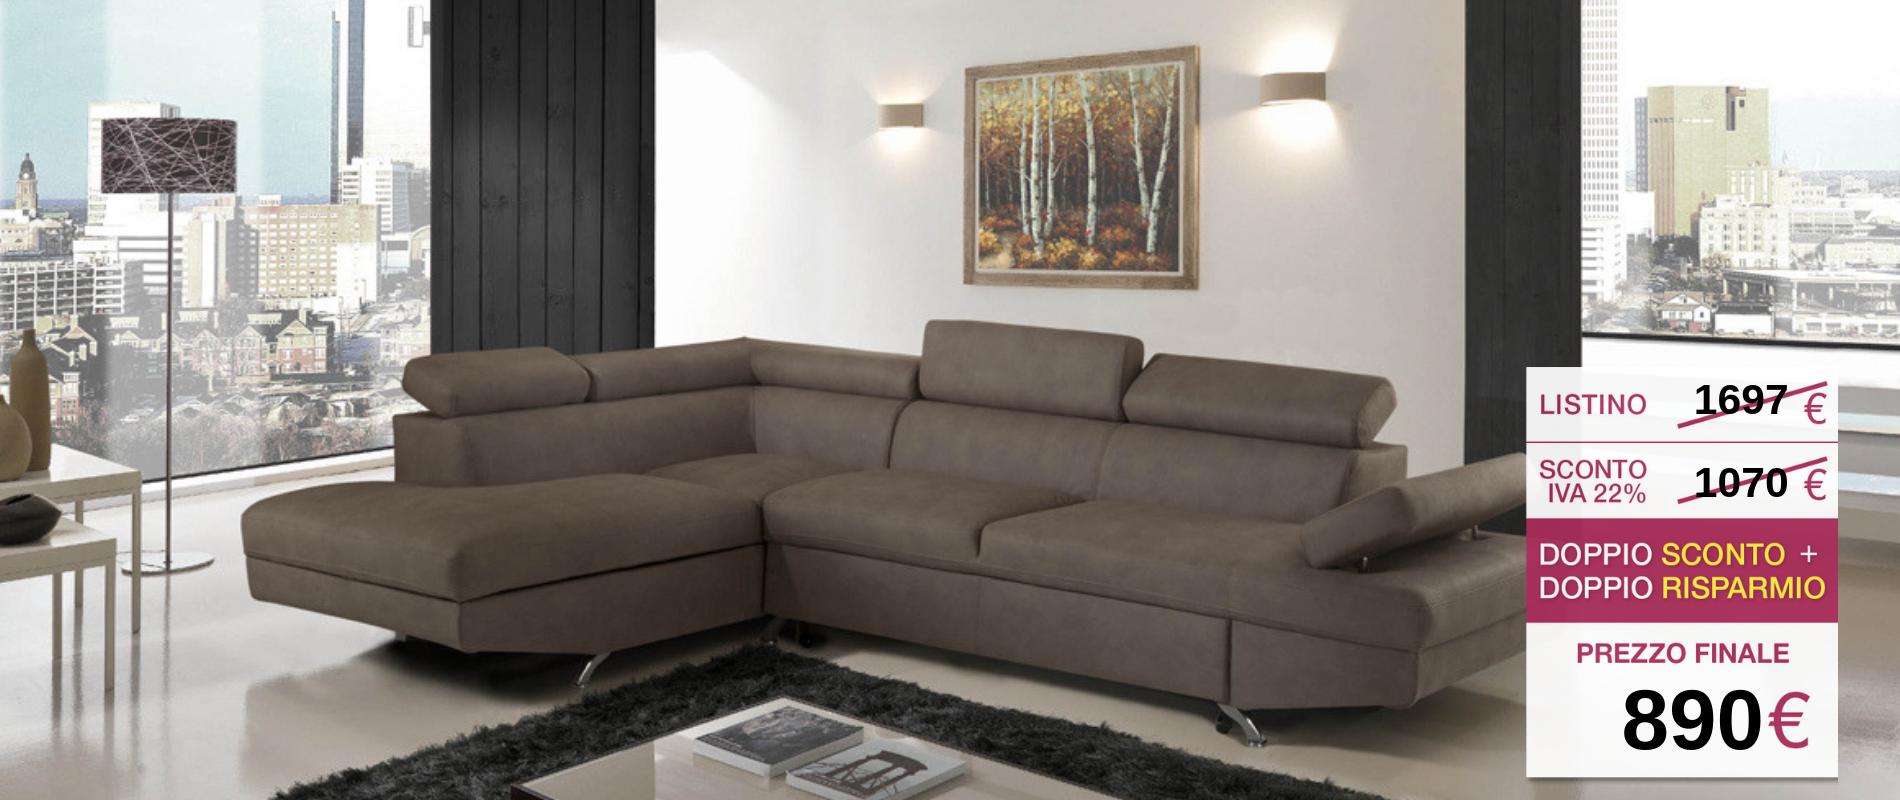 Offerte mobili sconto iva 22 extrasconto fino al 60 - Paoletti mobili roma ...